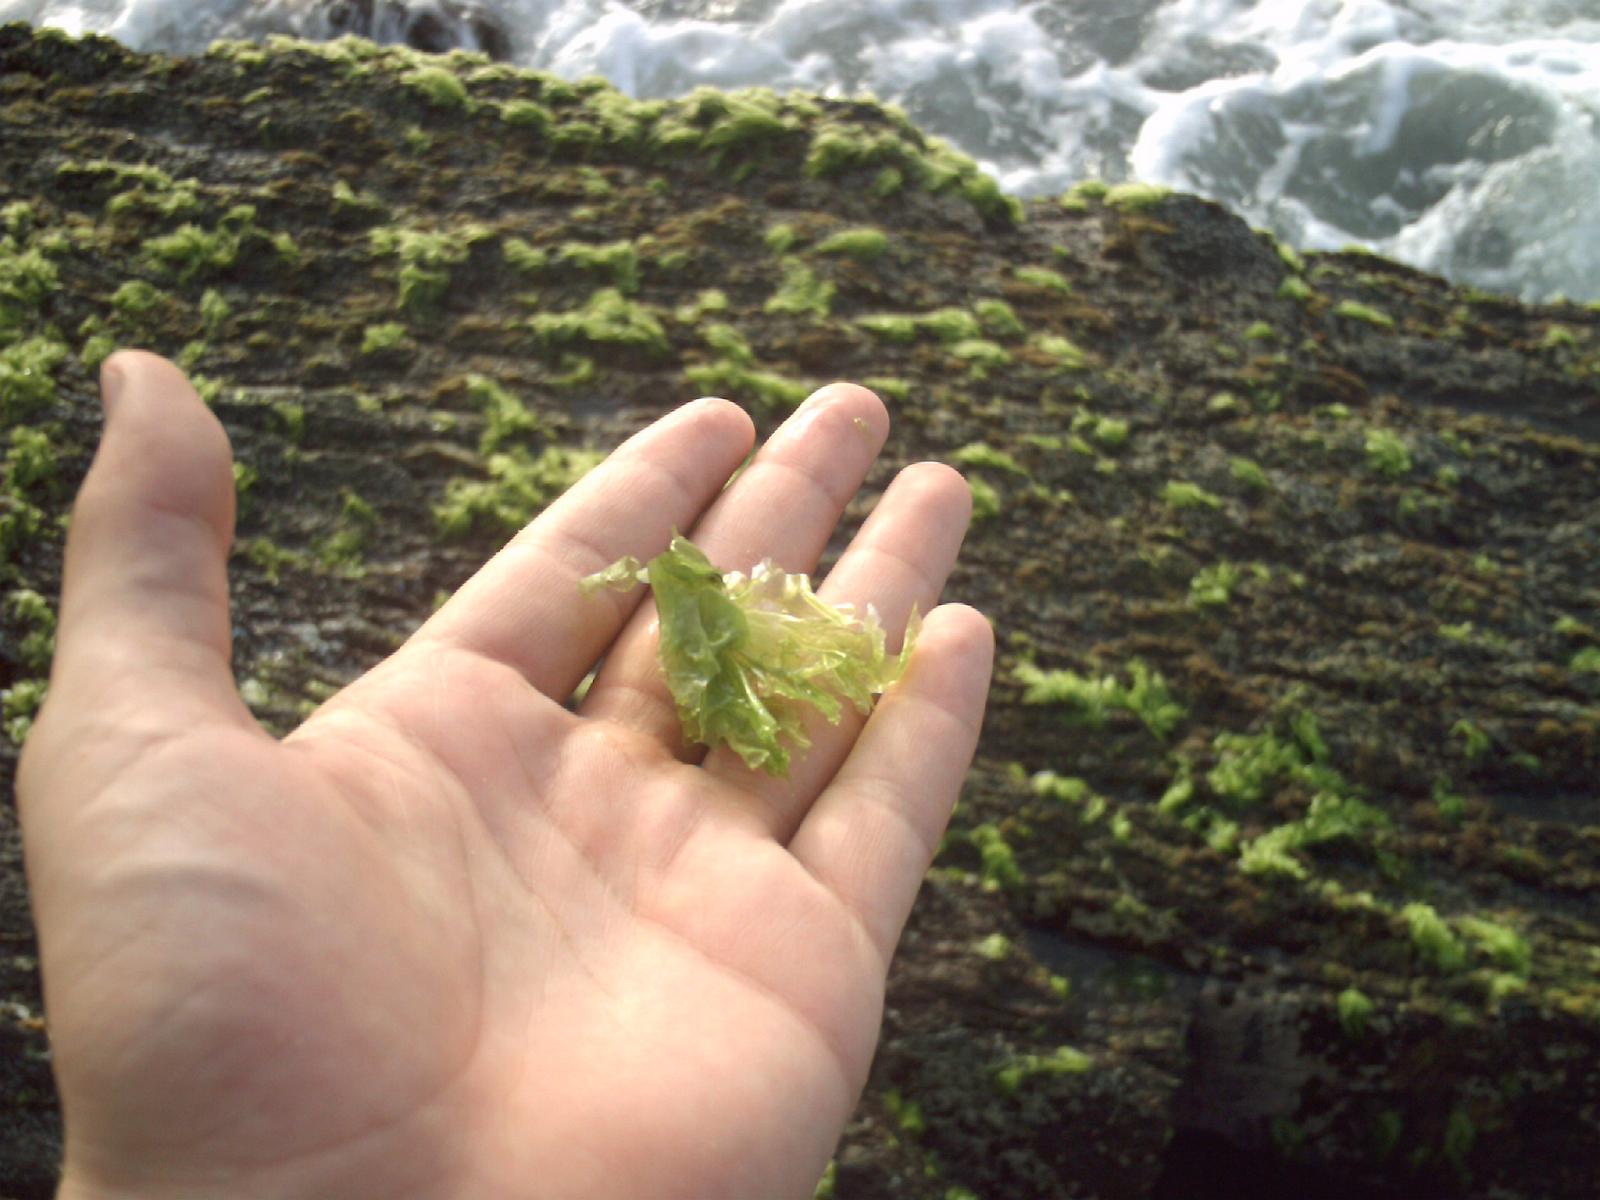 fotosintesis alga marina: